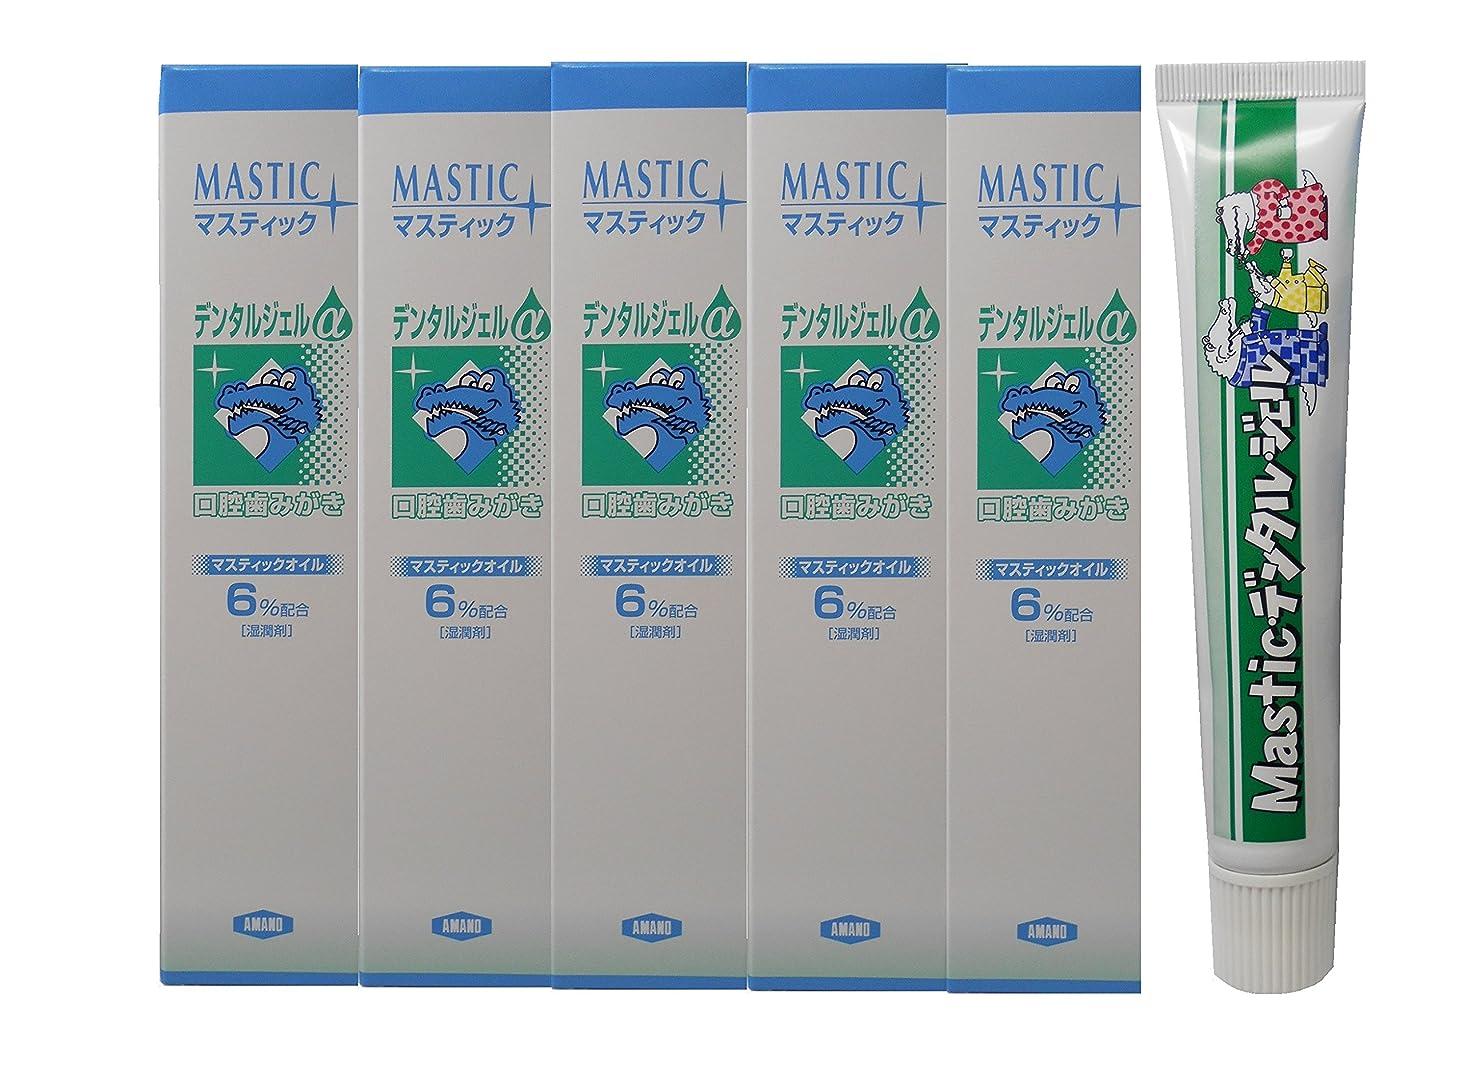 黒人父方のママMASTIC マスティックデンタルジェルα45g(6%配合)5個+MASTIC デンタルエッセンスジェルMSローヤルⅡ増量50g(10%配合)1個セット